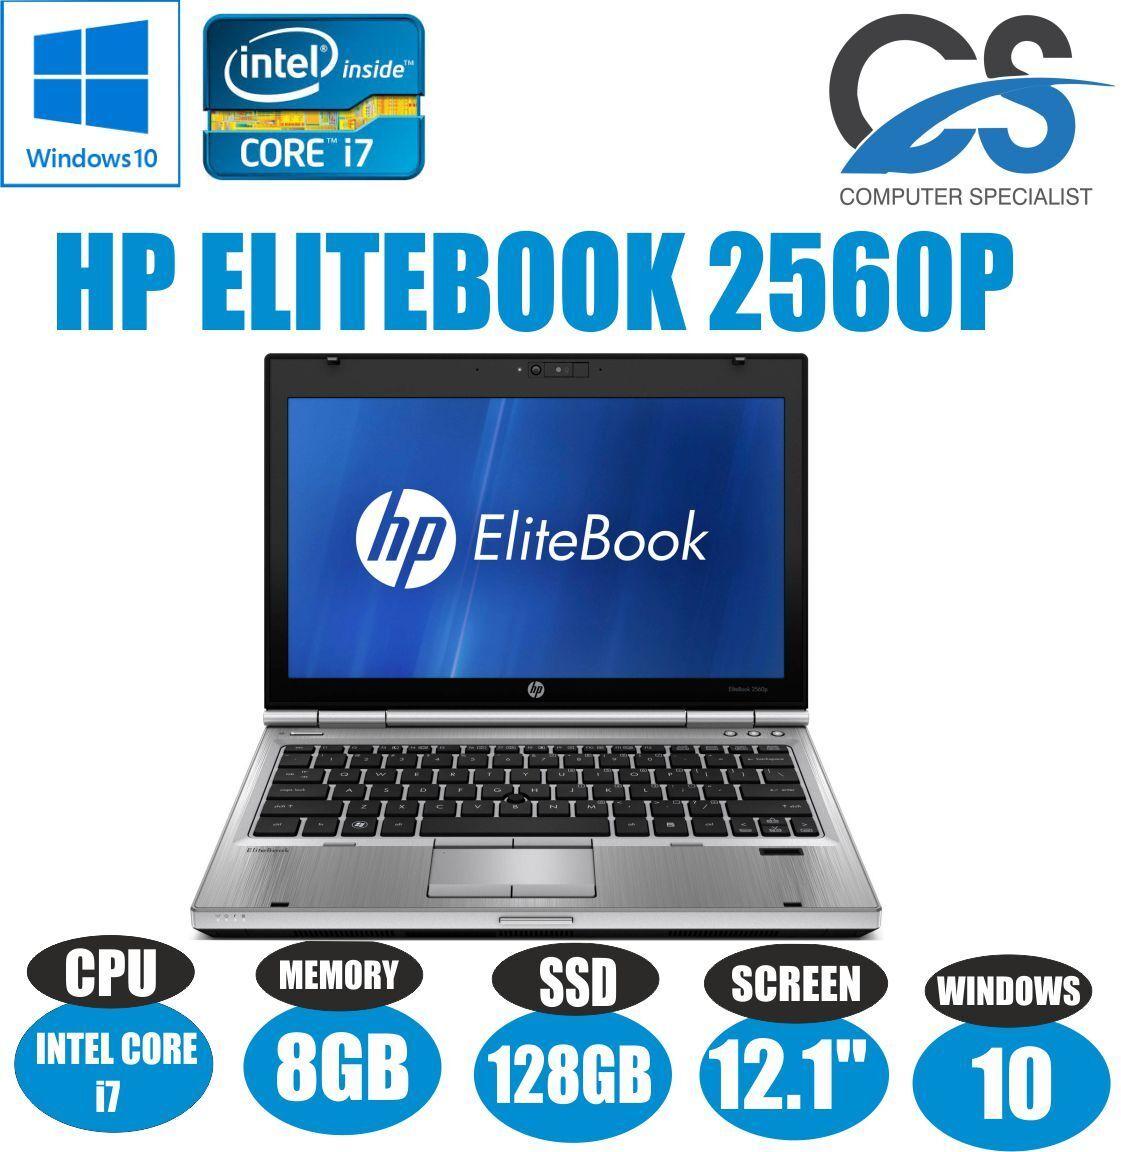 HP ELITEBOOK 2560P 12.1